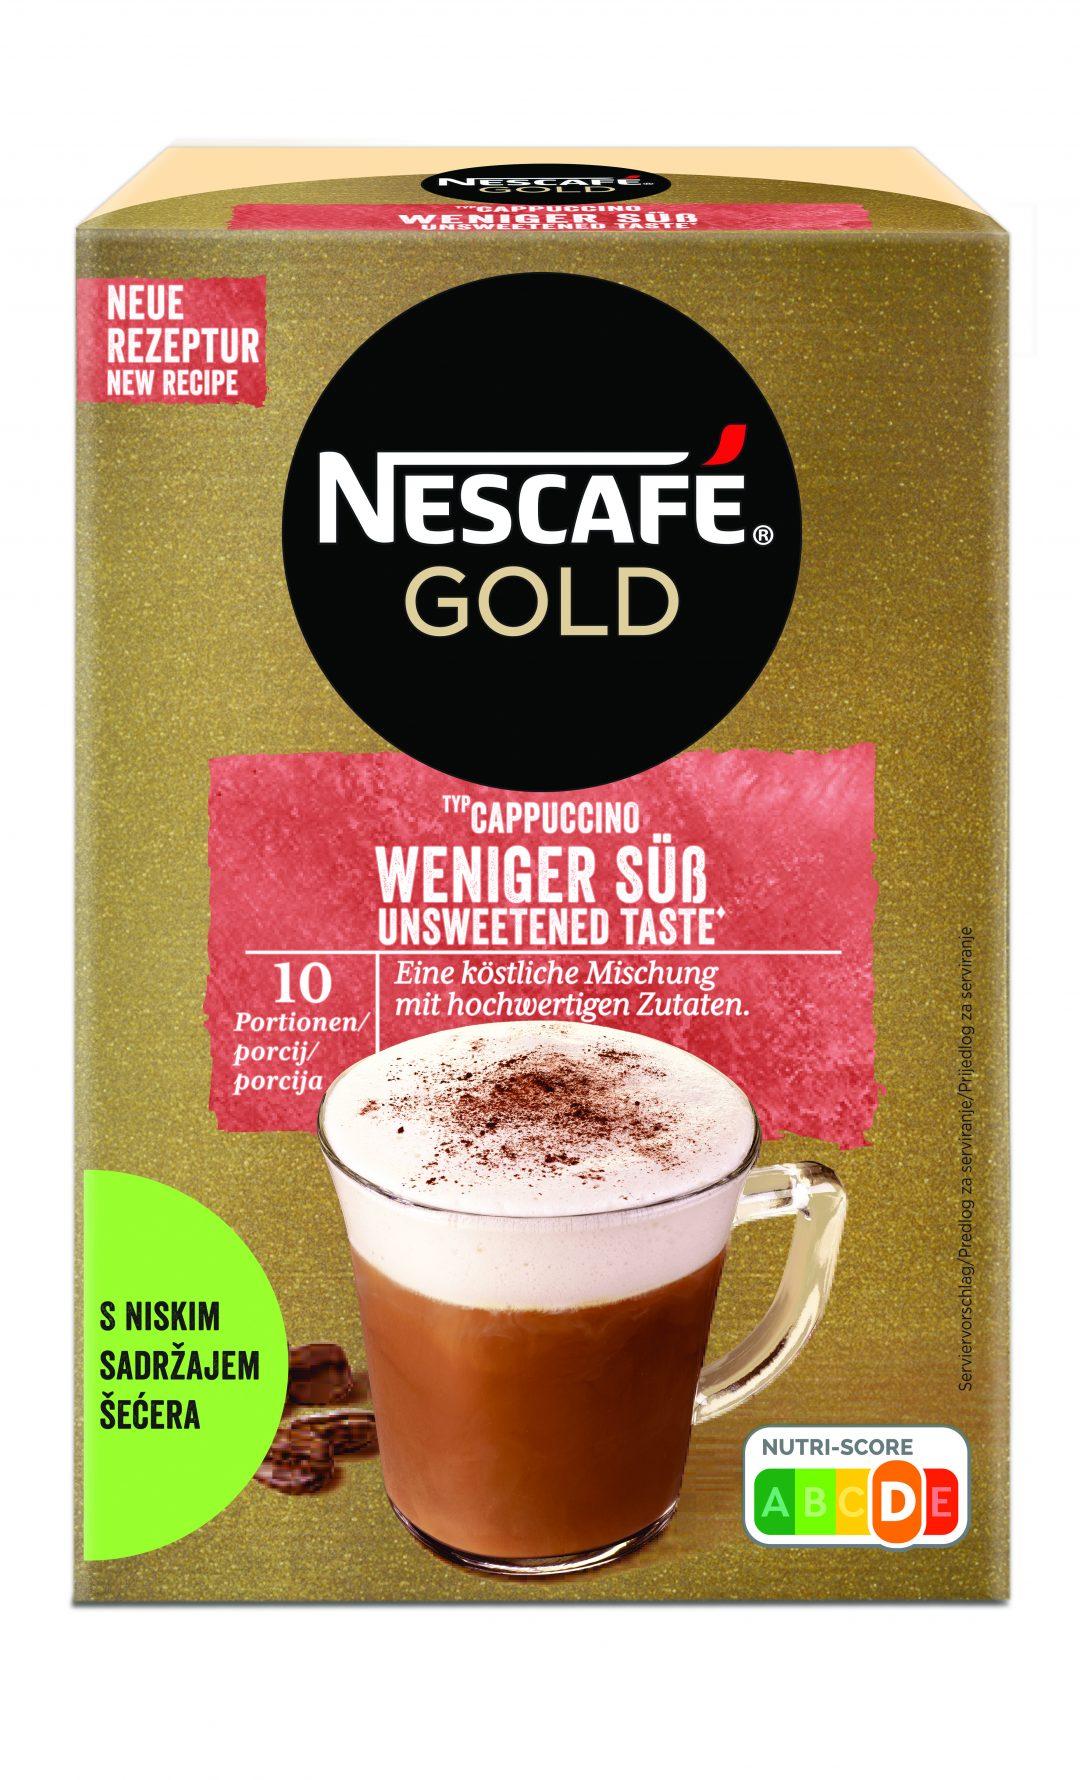 Nescafe-gold-cappuccino-3